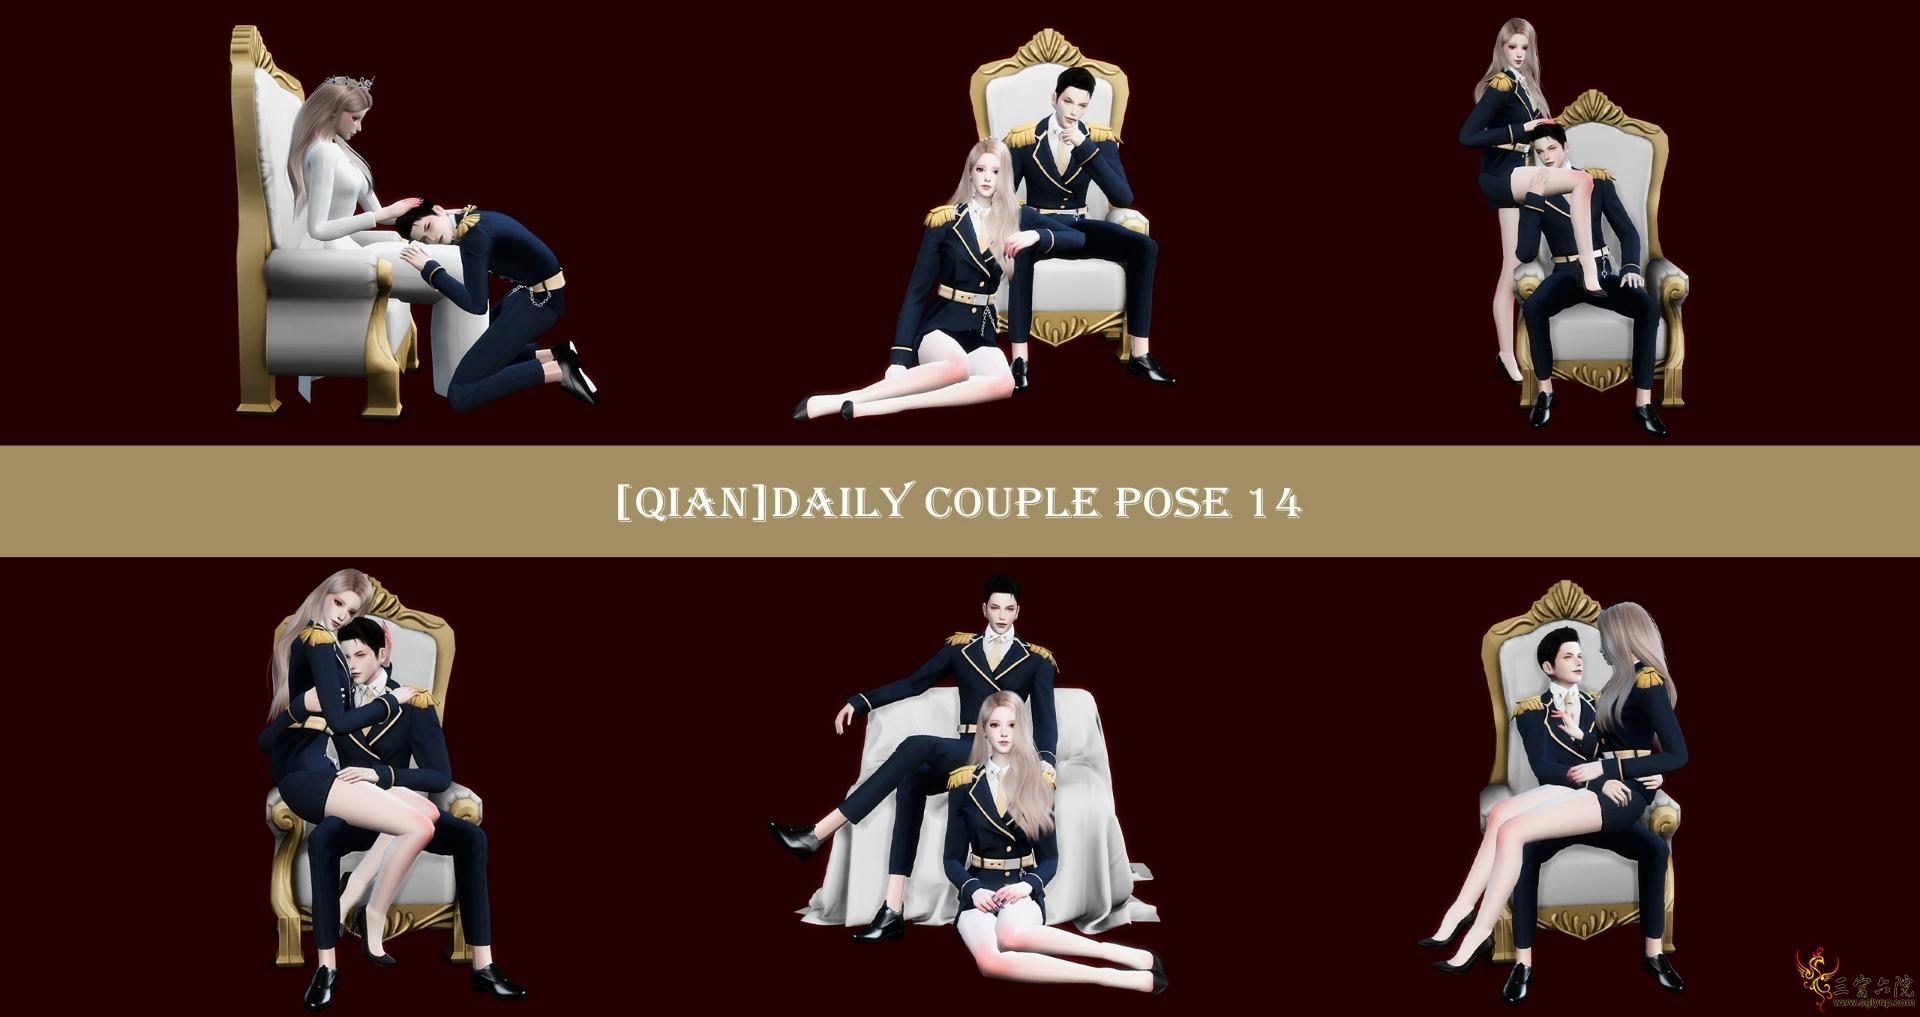 [Qian]Daily Couple pose 14.jpg